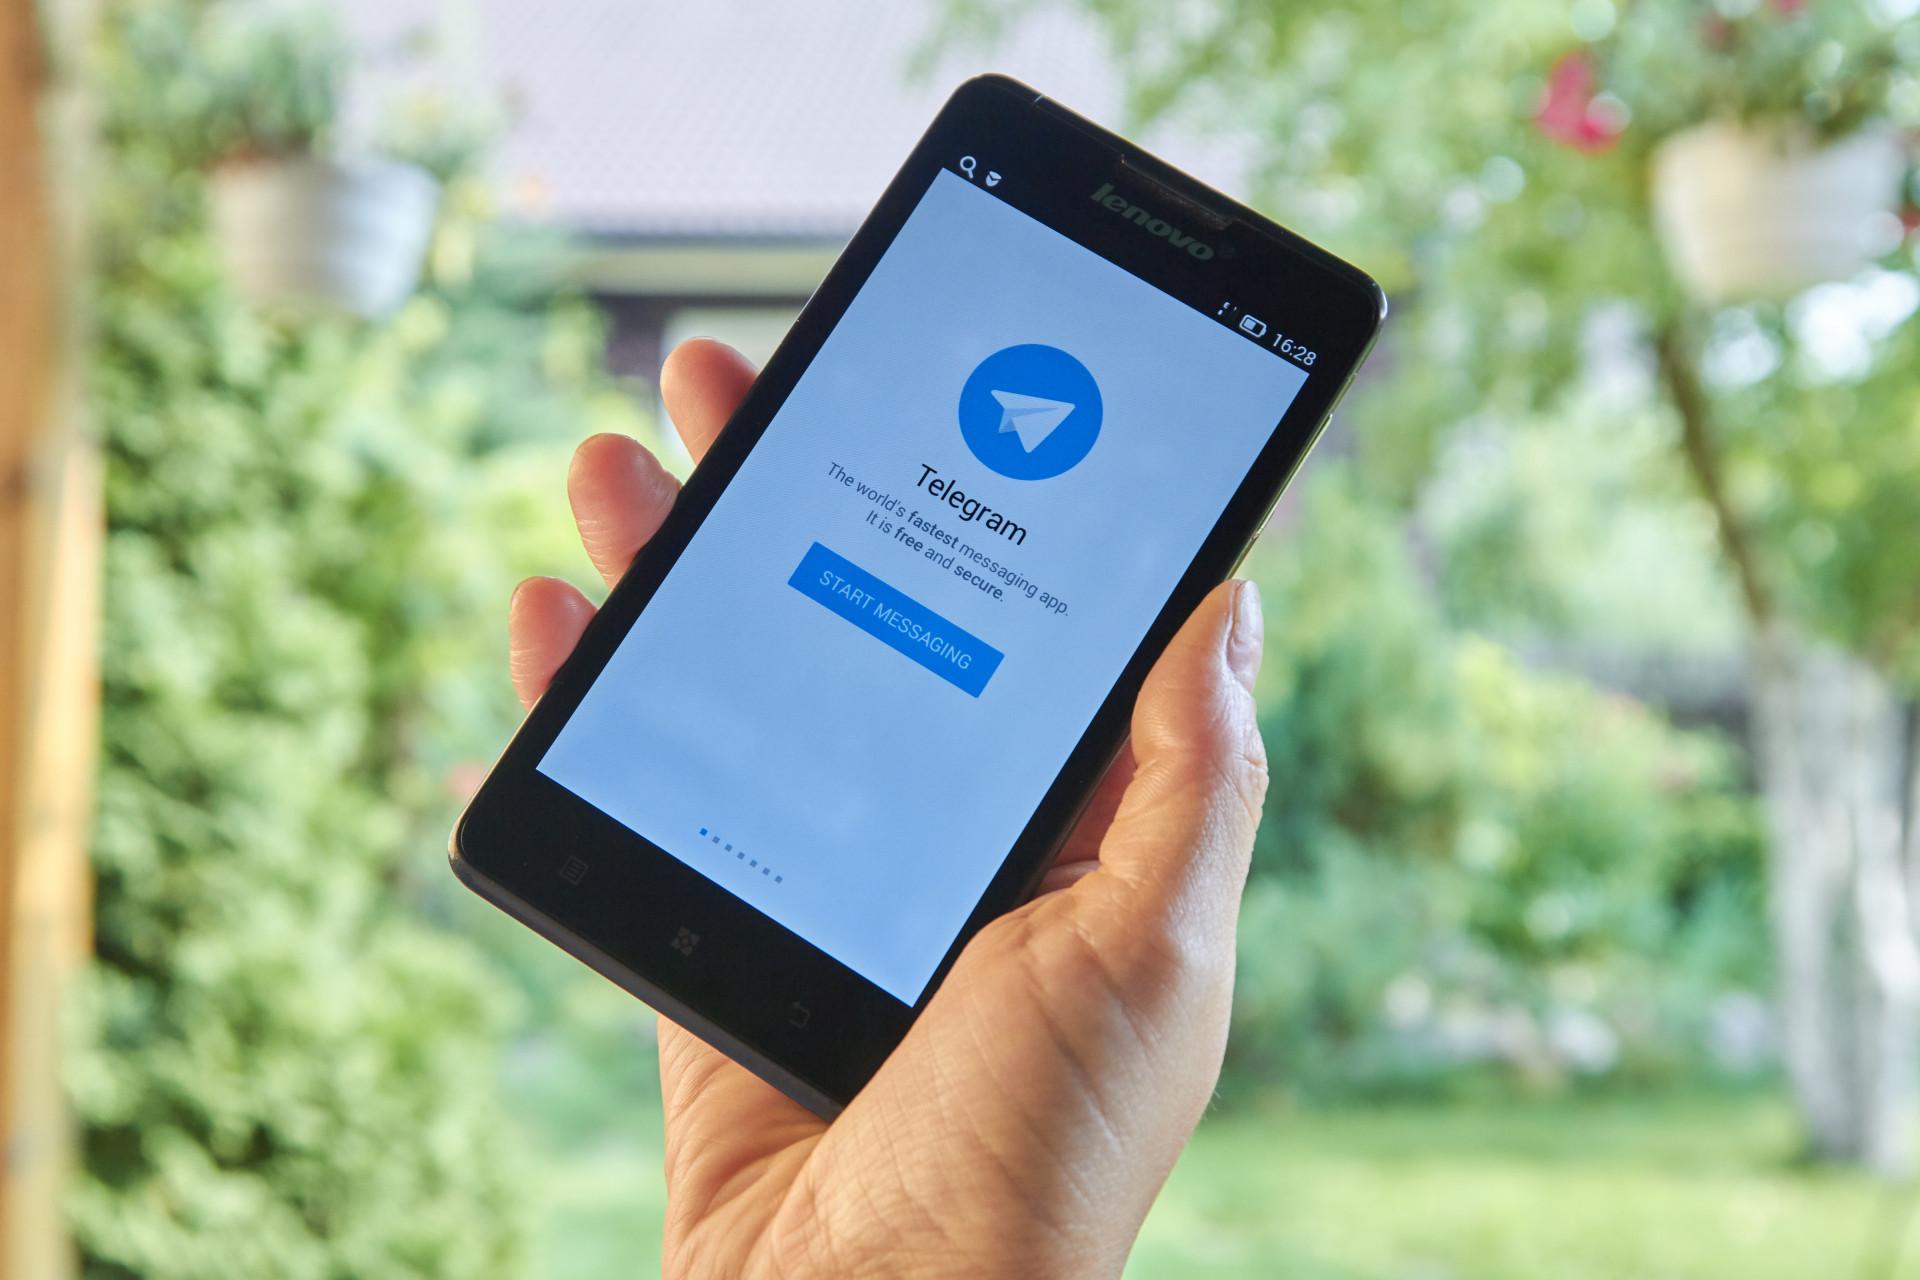 Стартовая страница Telegram Messenger,соц. сеть социальные сети мобильный телефон планшет Telegram телеграмм,соц. сеть социальные сети мобильный